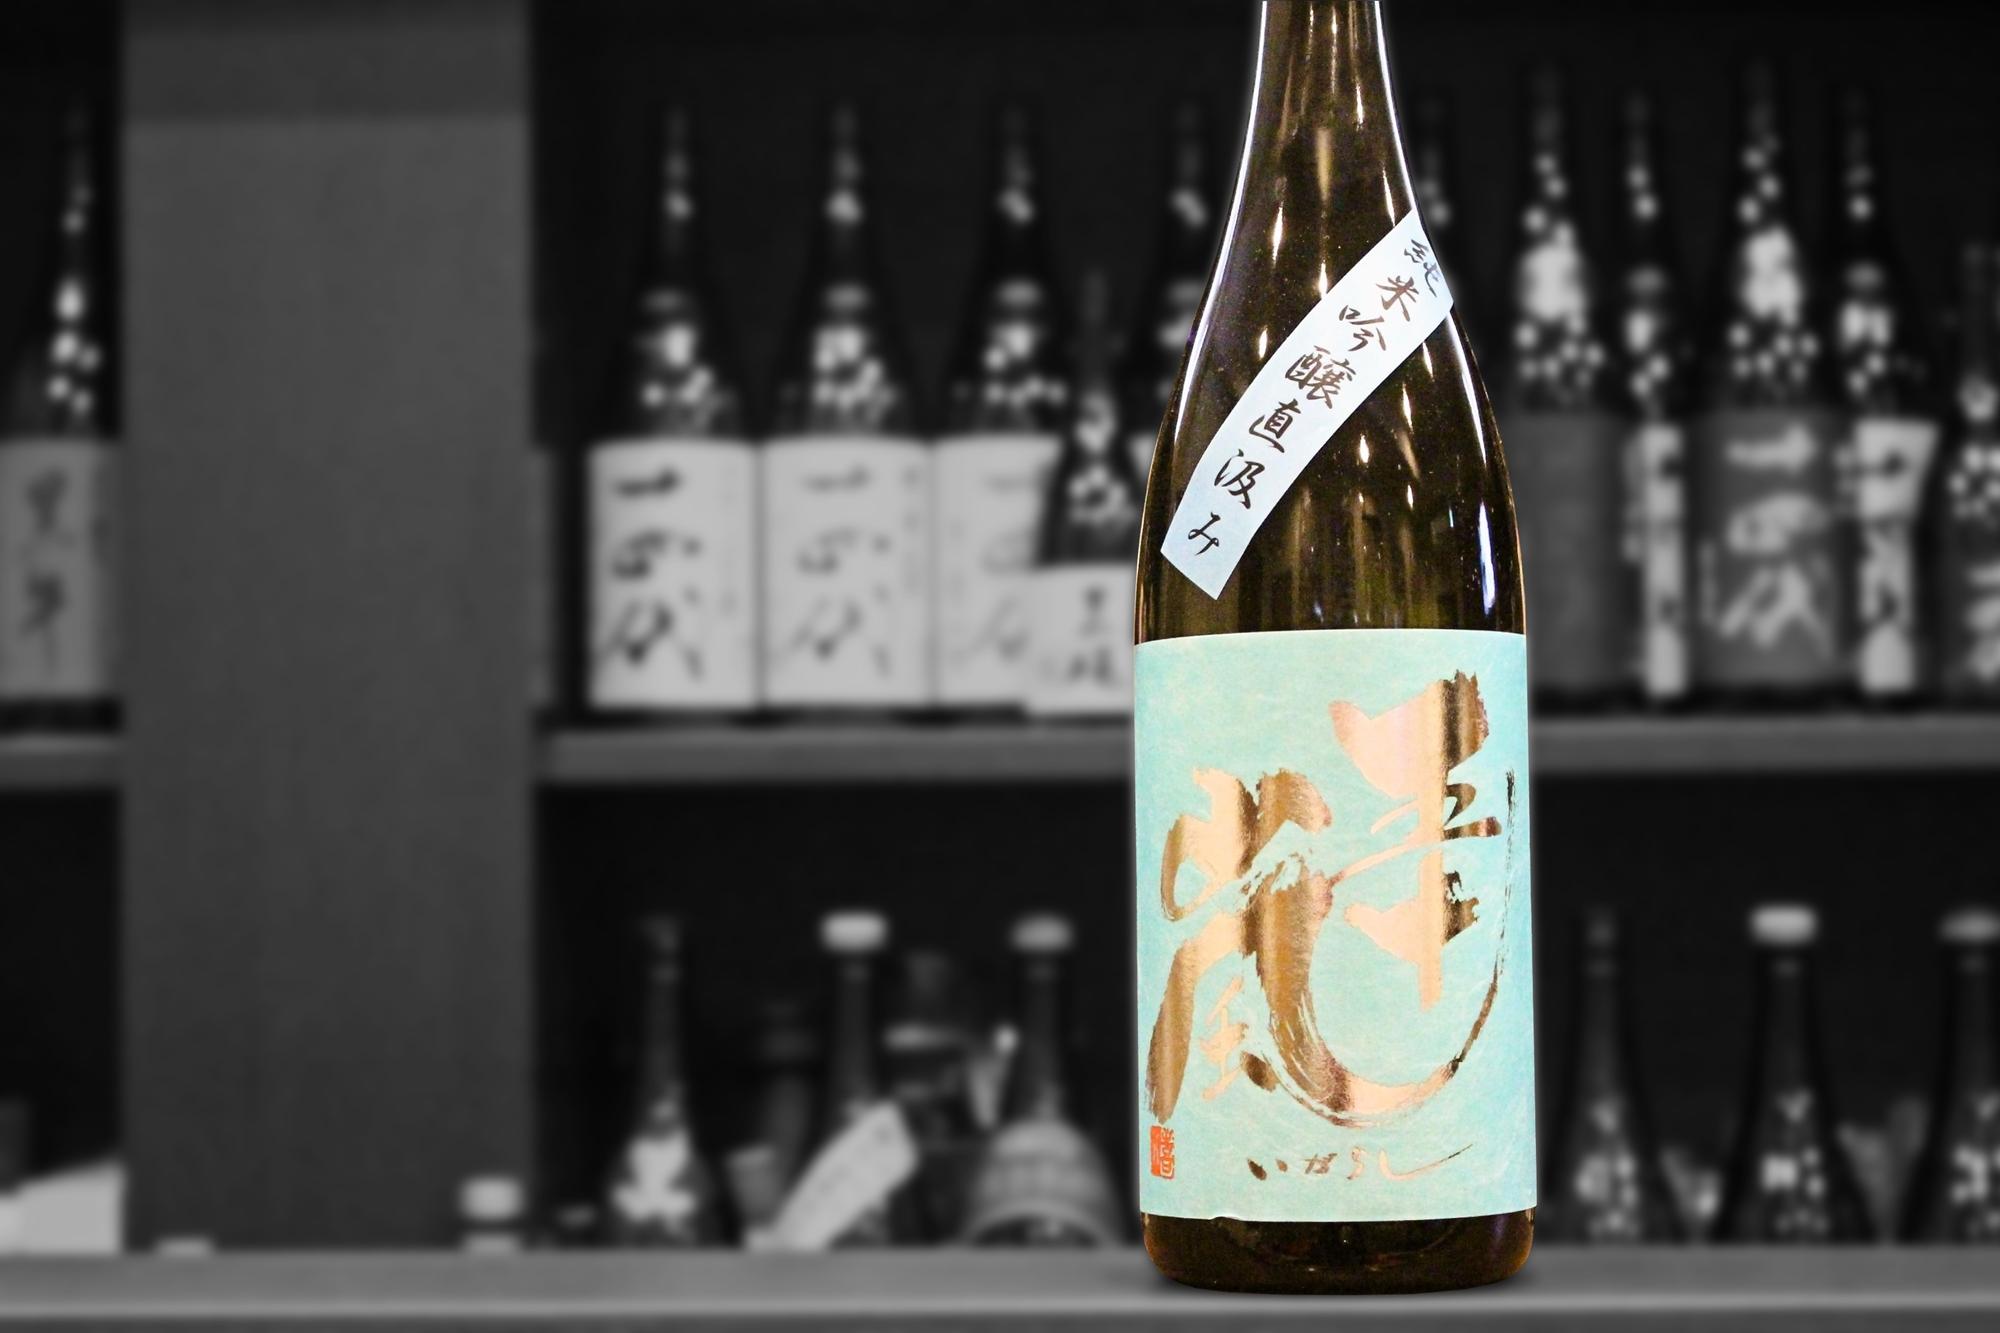 五十嵐純米吟醸生きたしずく202102-001